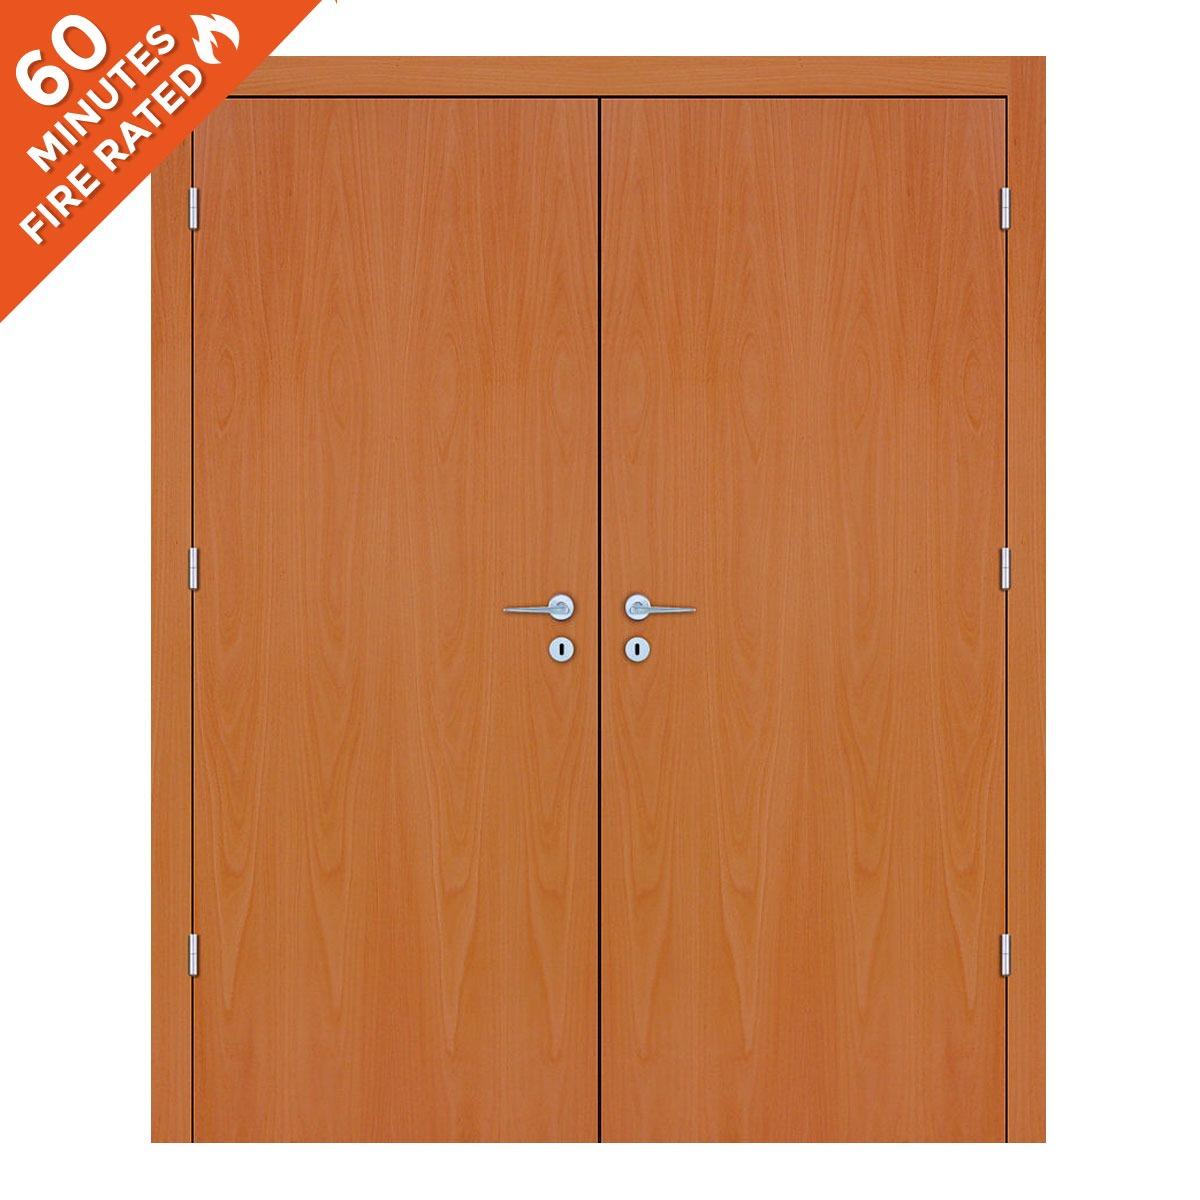 Beech Double Door FD60